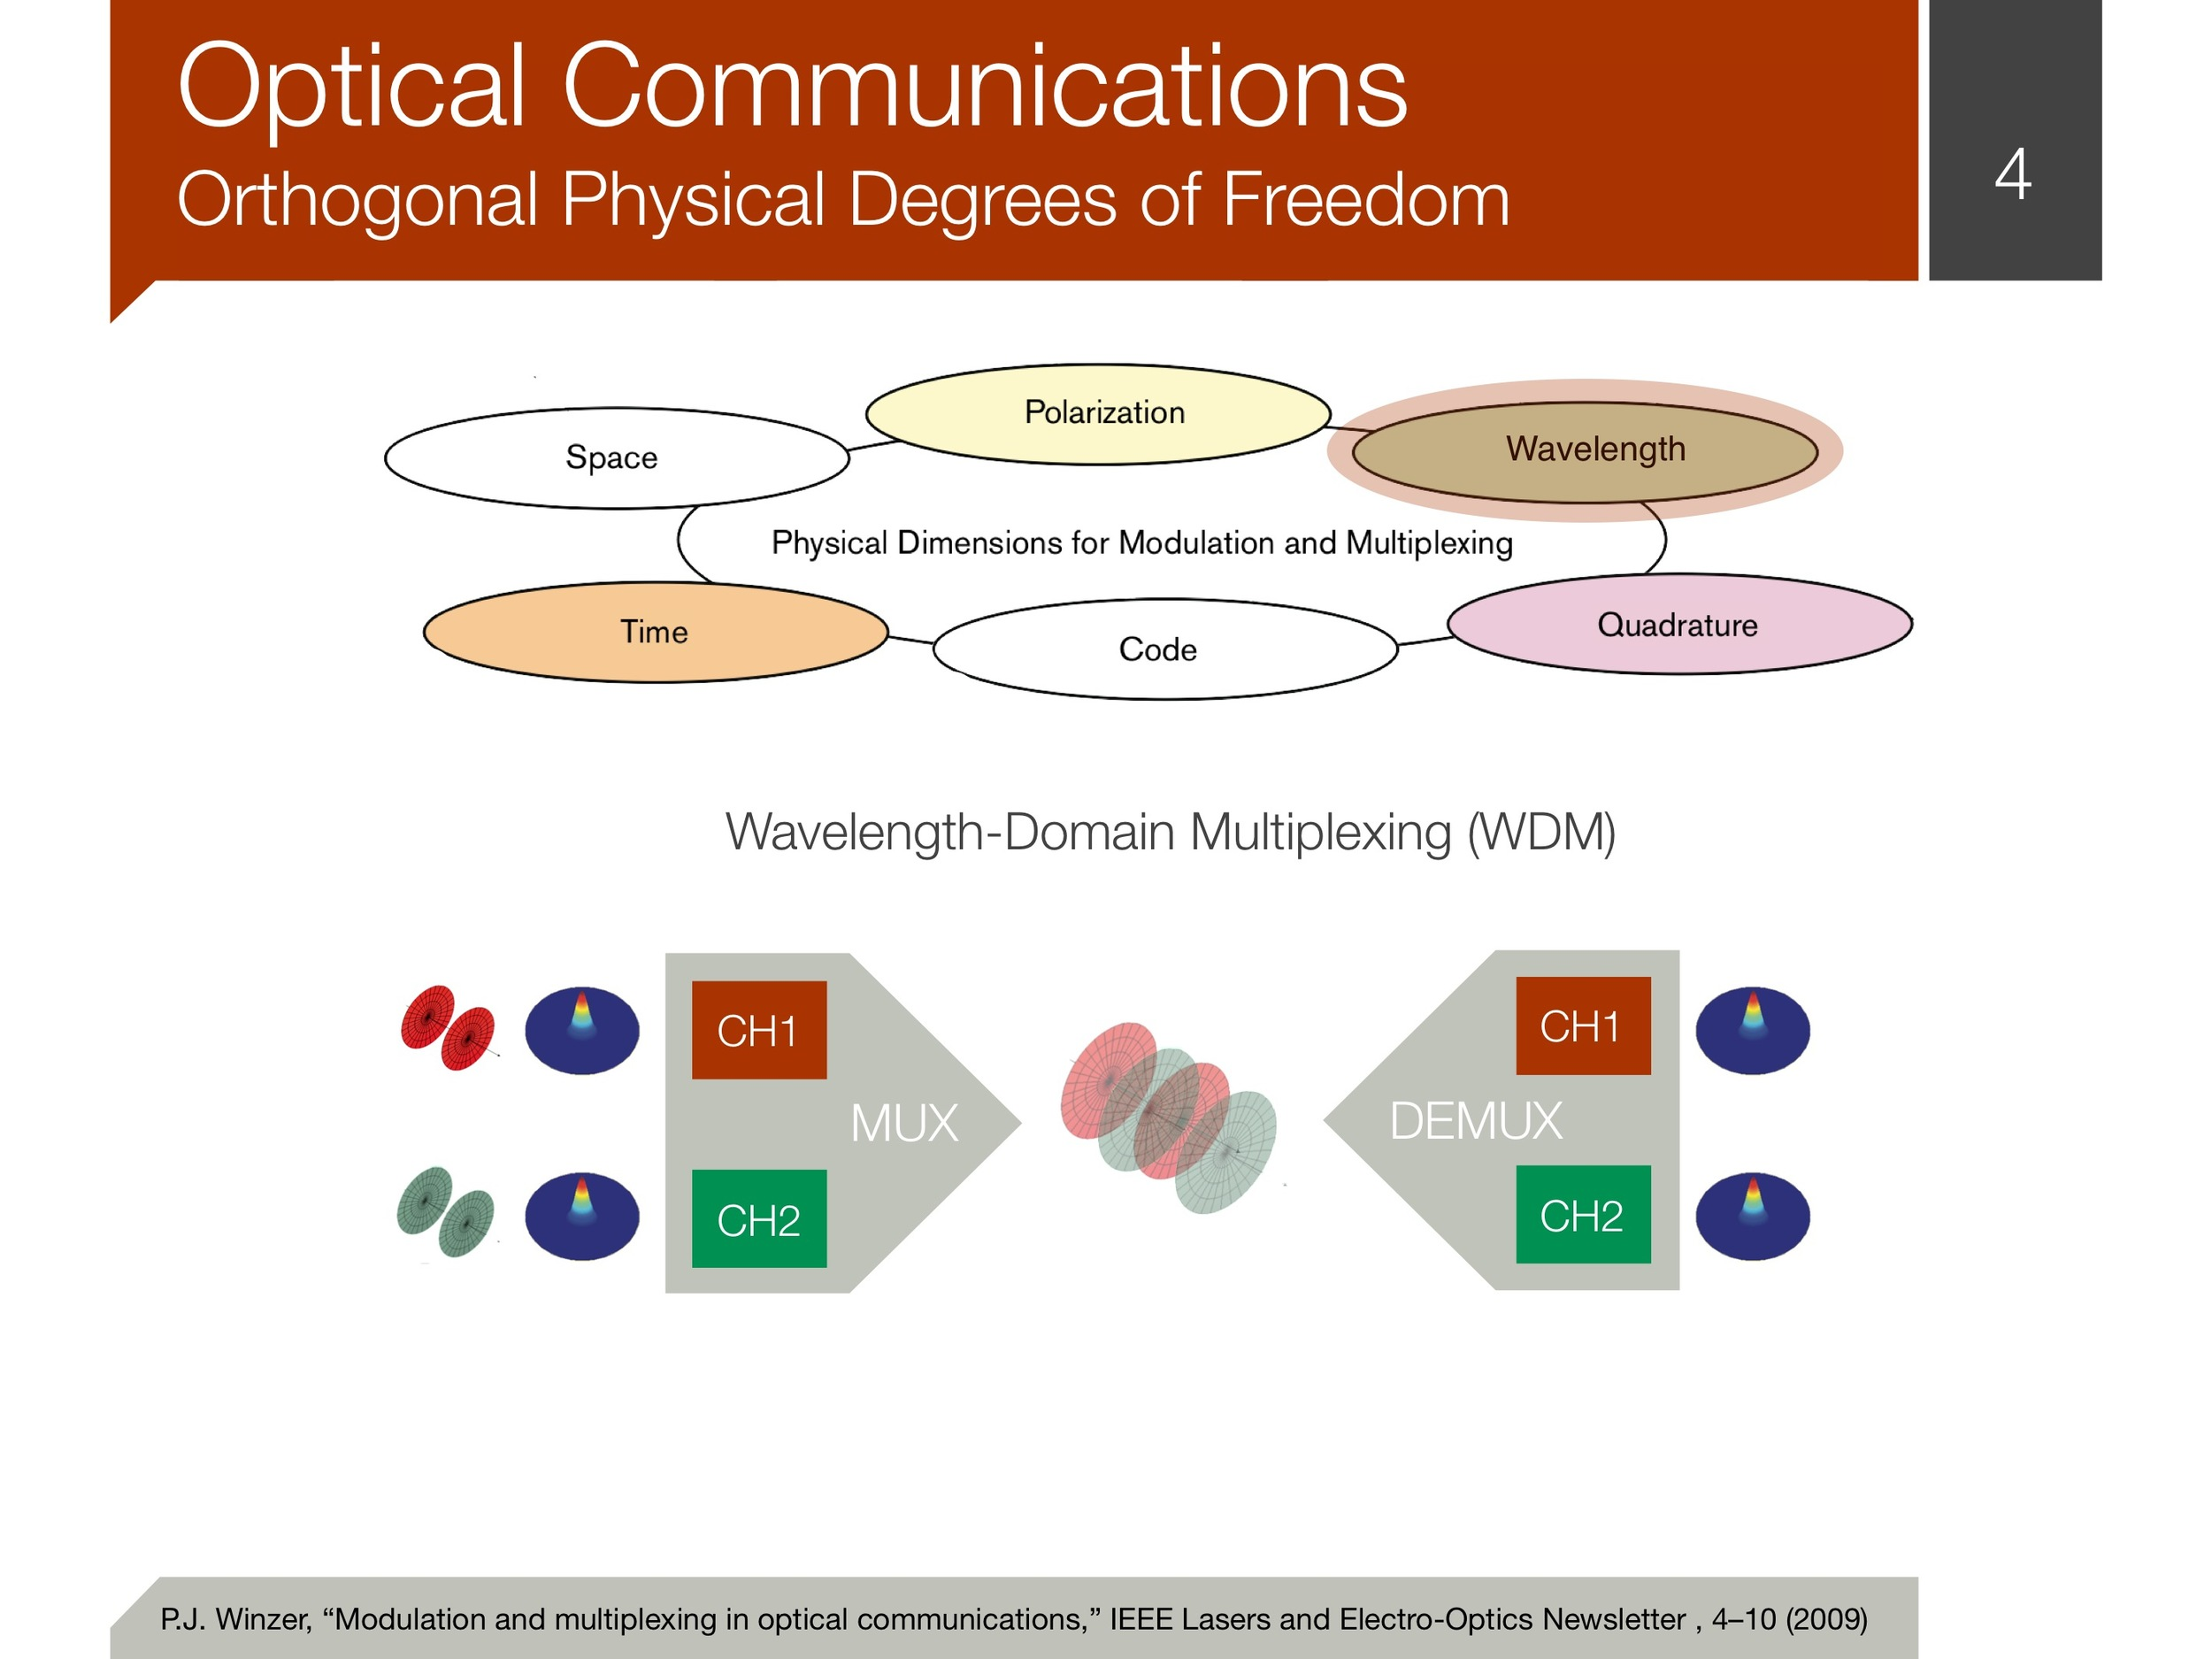 oam_pmeft_presentation_final 4.jpeg